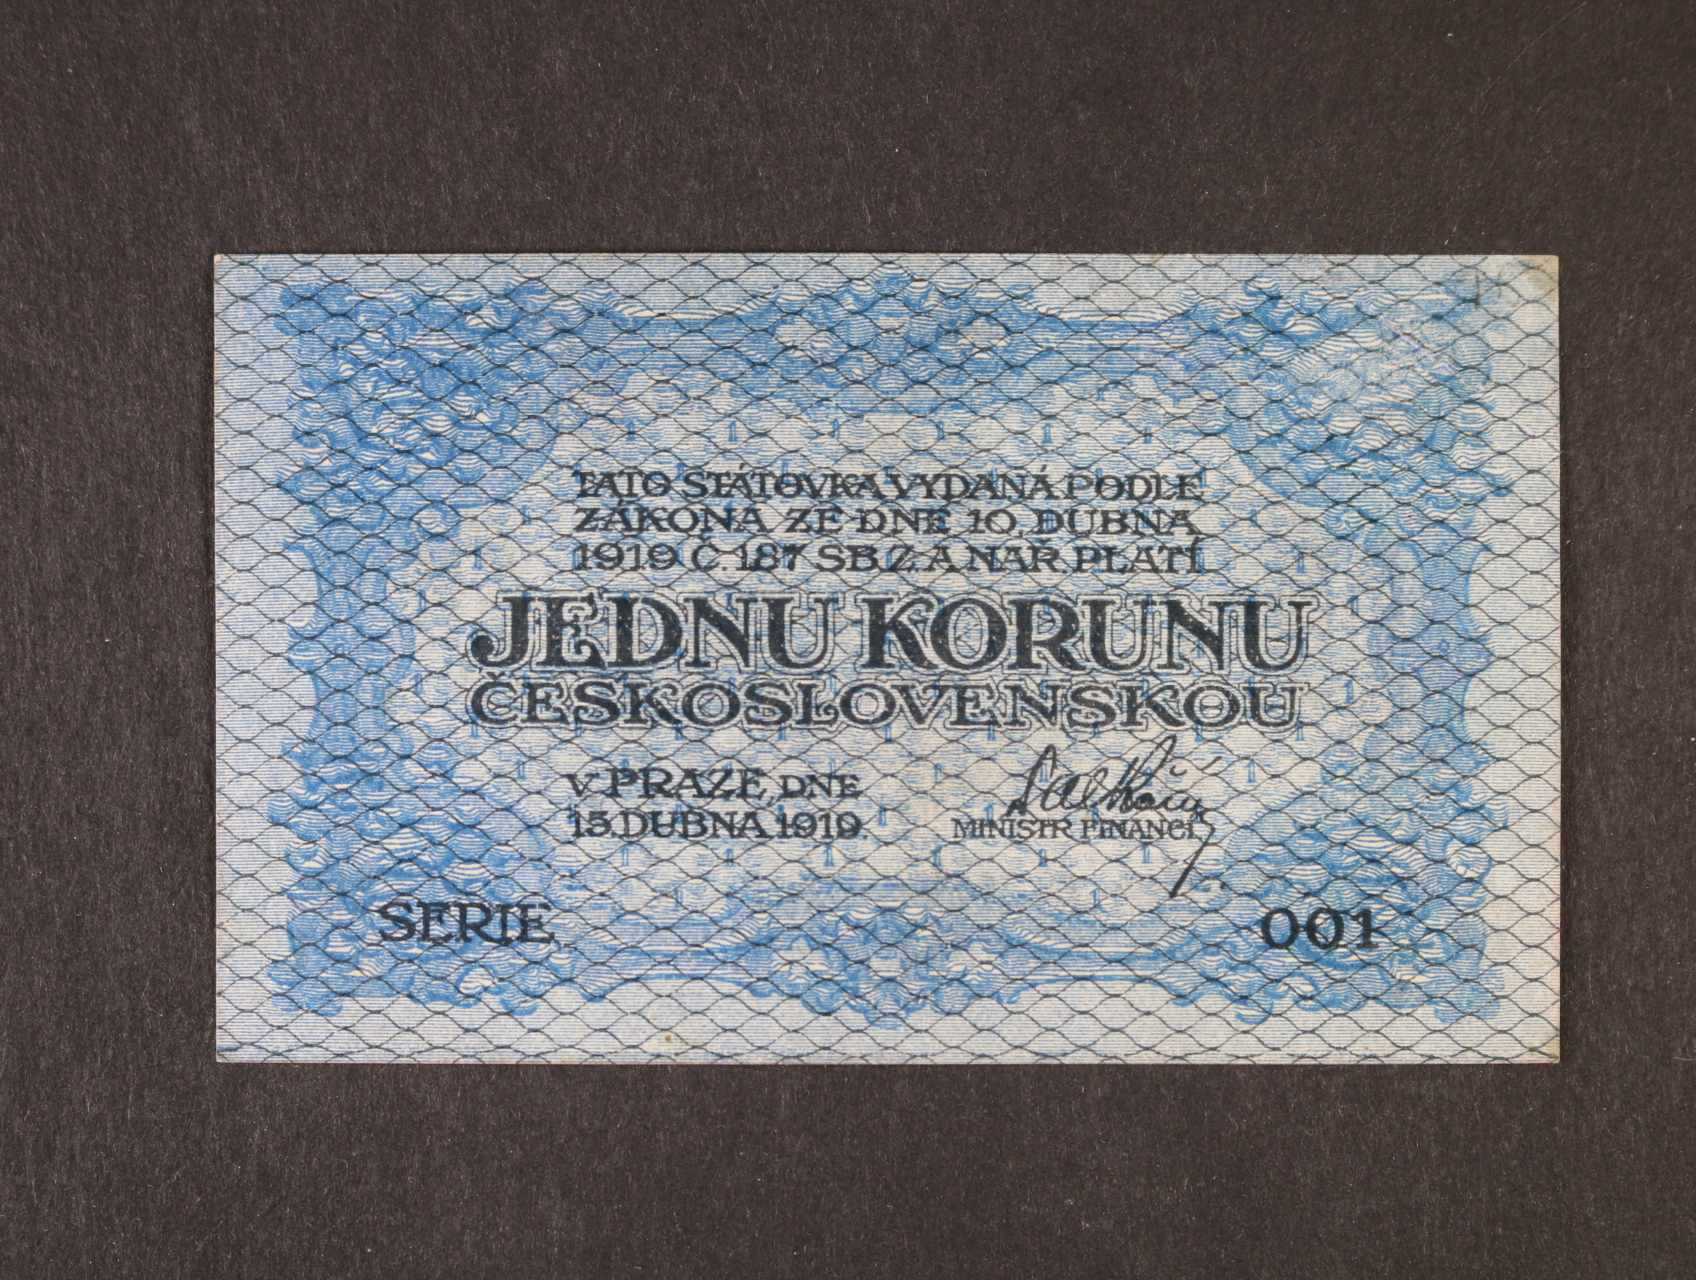 1 Kč 15.4.1919 série 001, modrá, Ba. 7, Pi. 6a